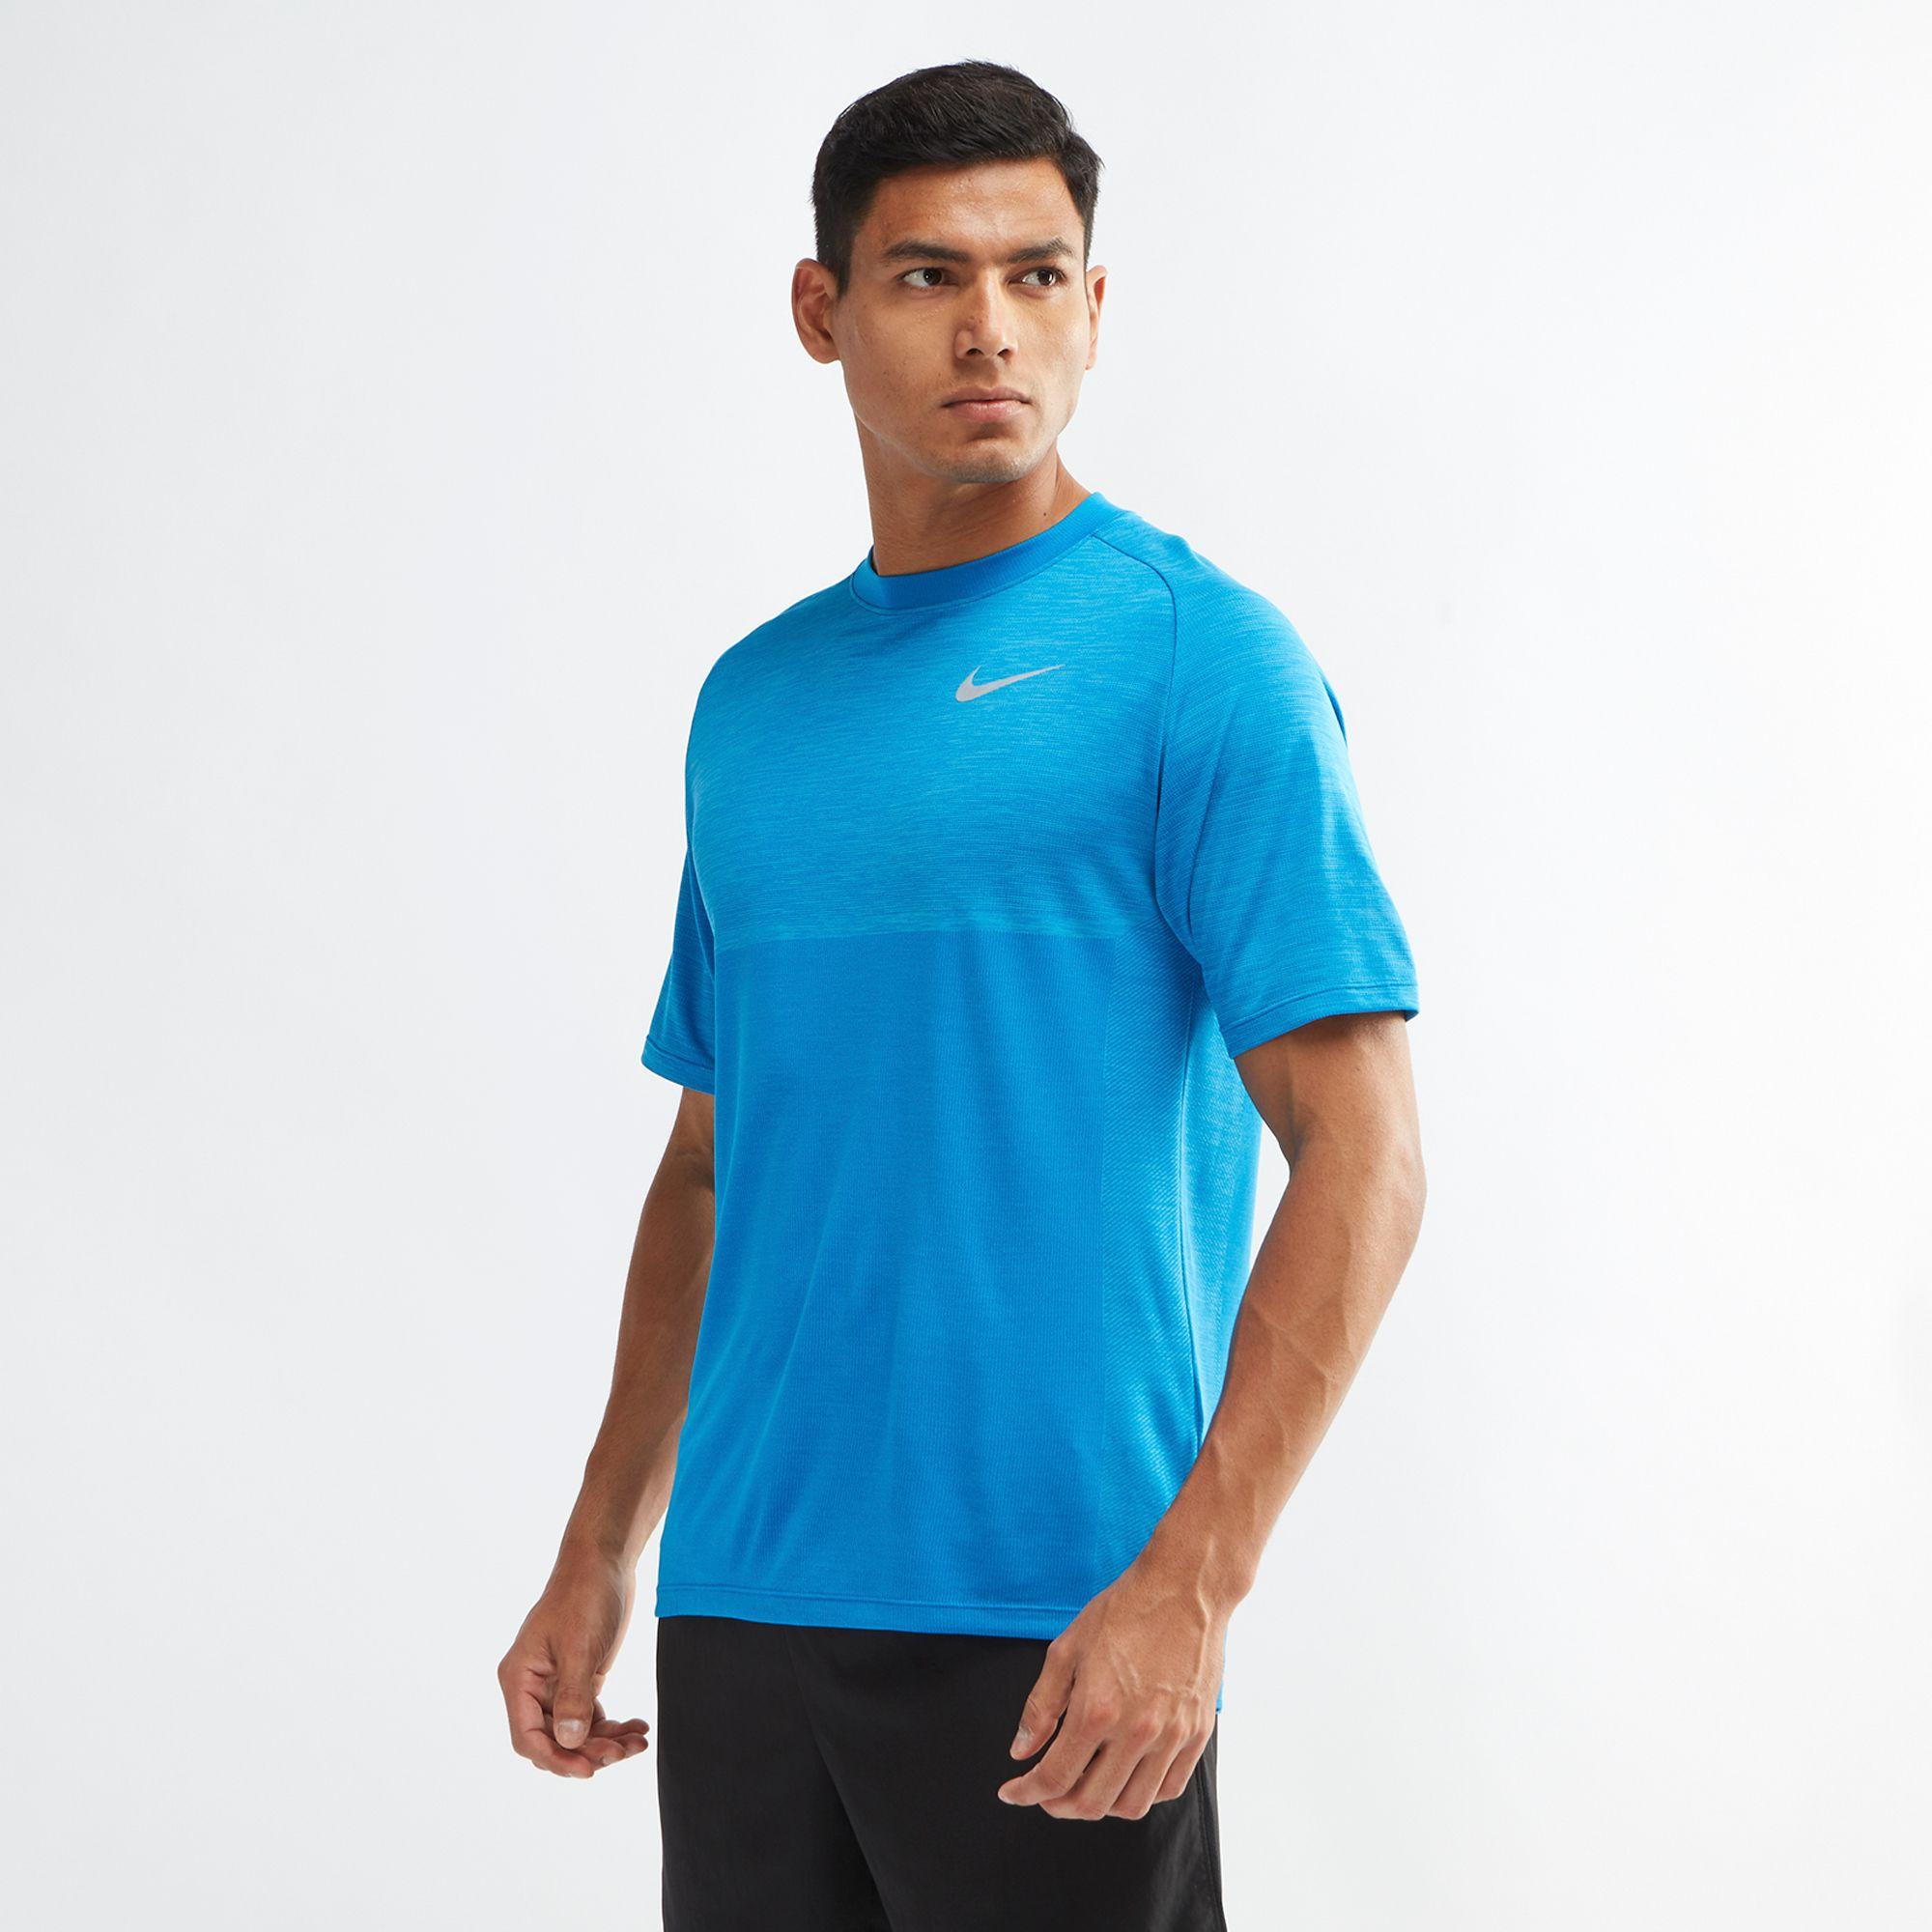 e2de0a21 Nike Dri Fit Medalist Running T Shirt Nkap891426 465 in Dubai, UAE   SSS